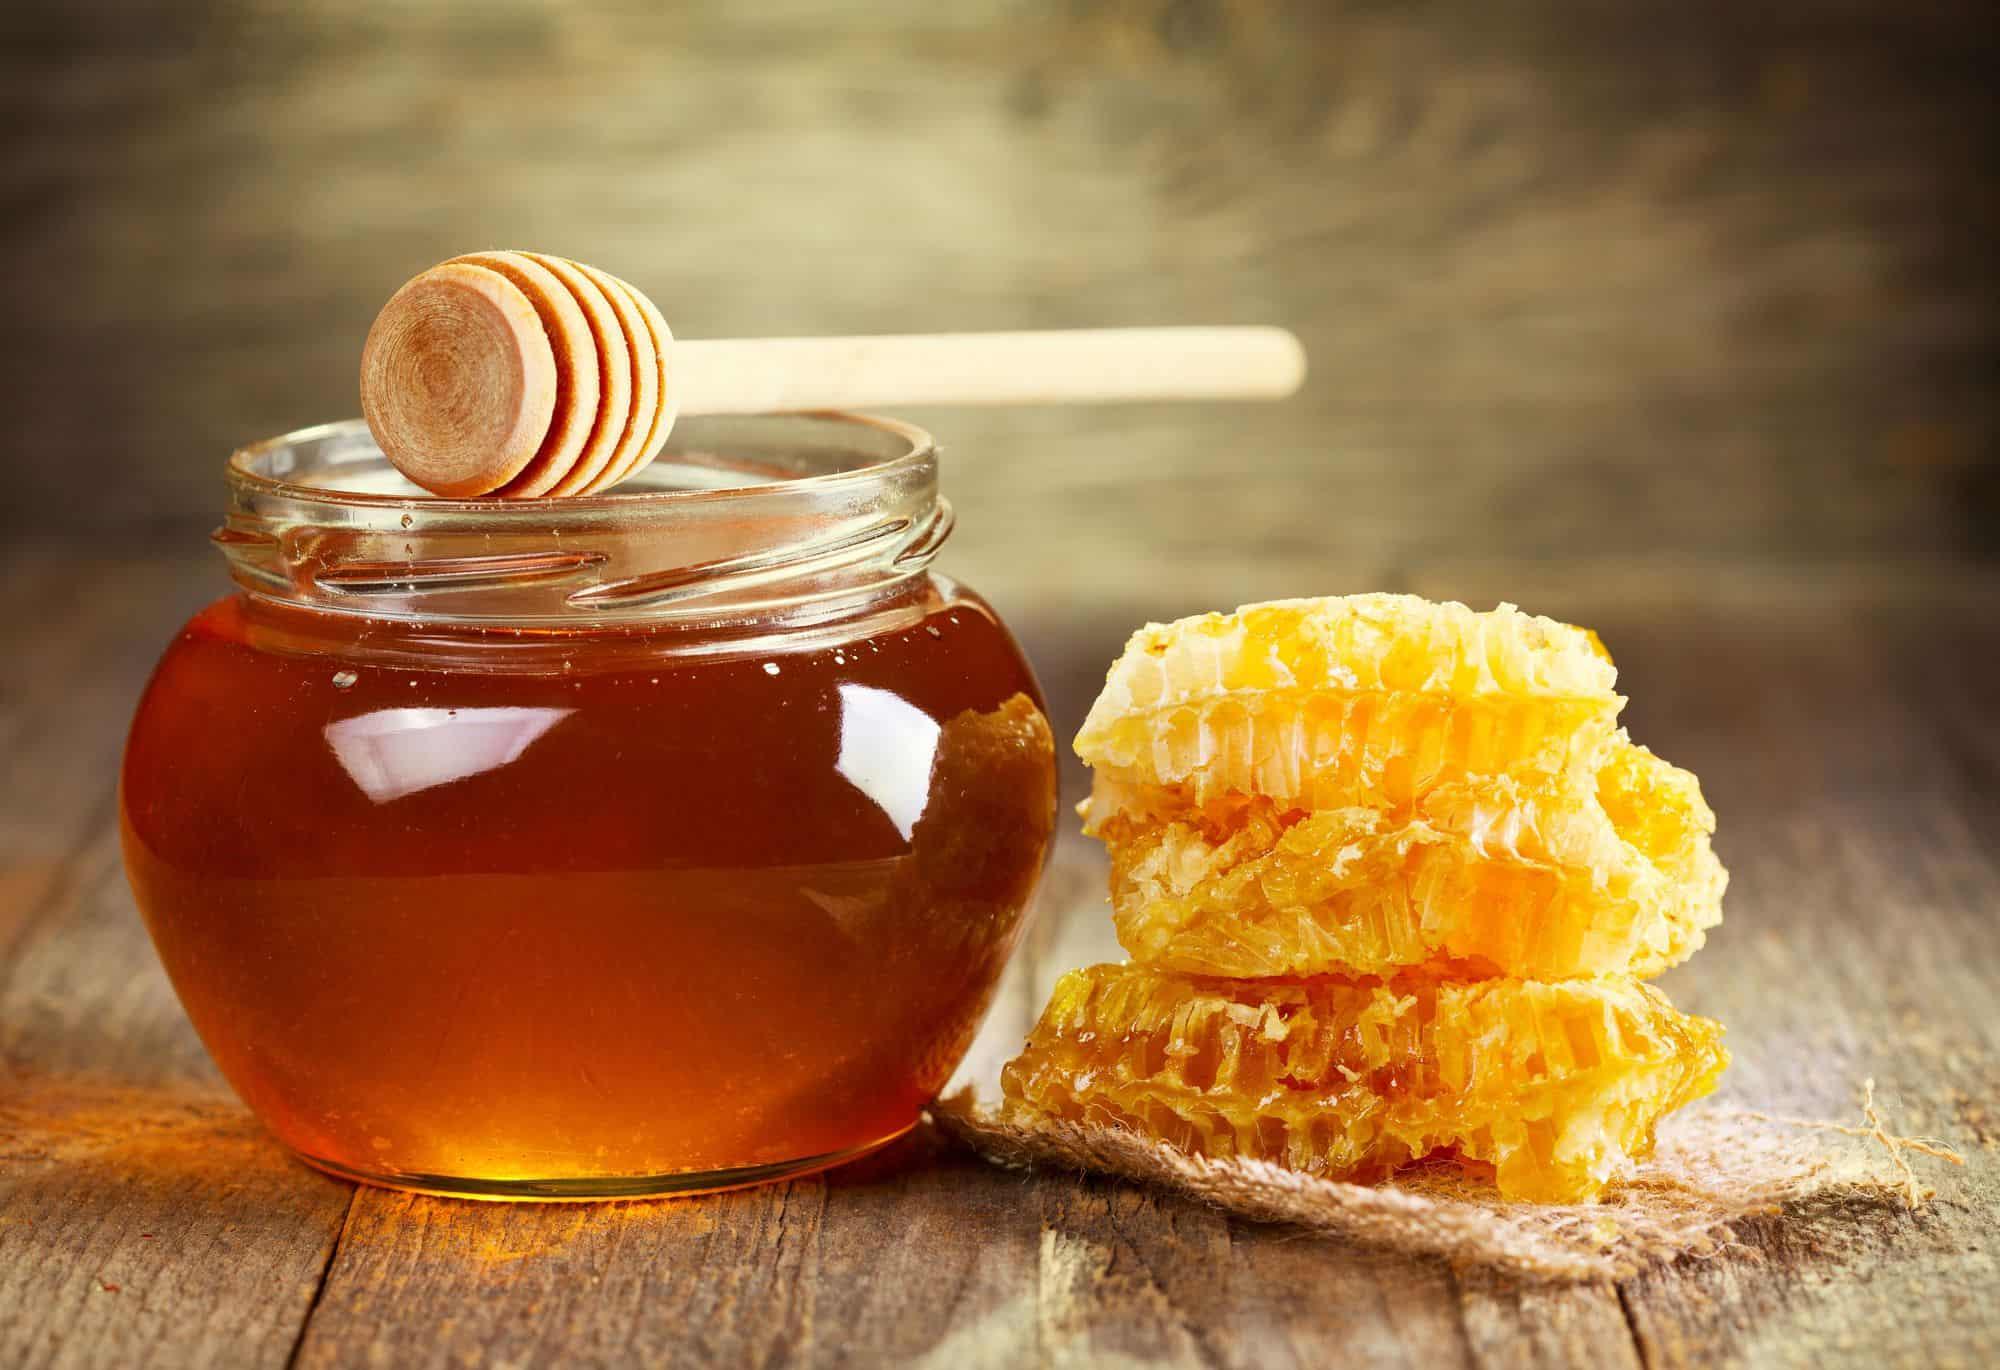 فوائد العسل في حرق الدهون